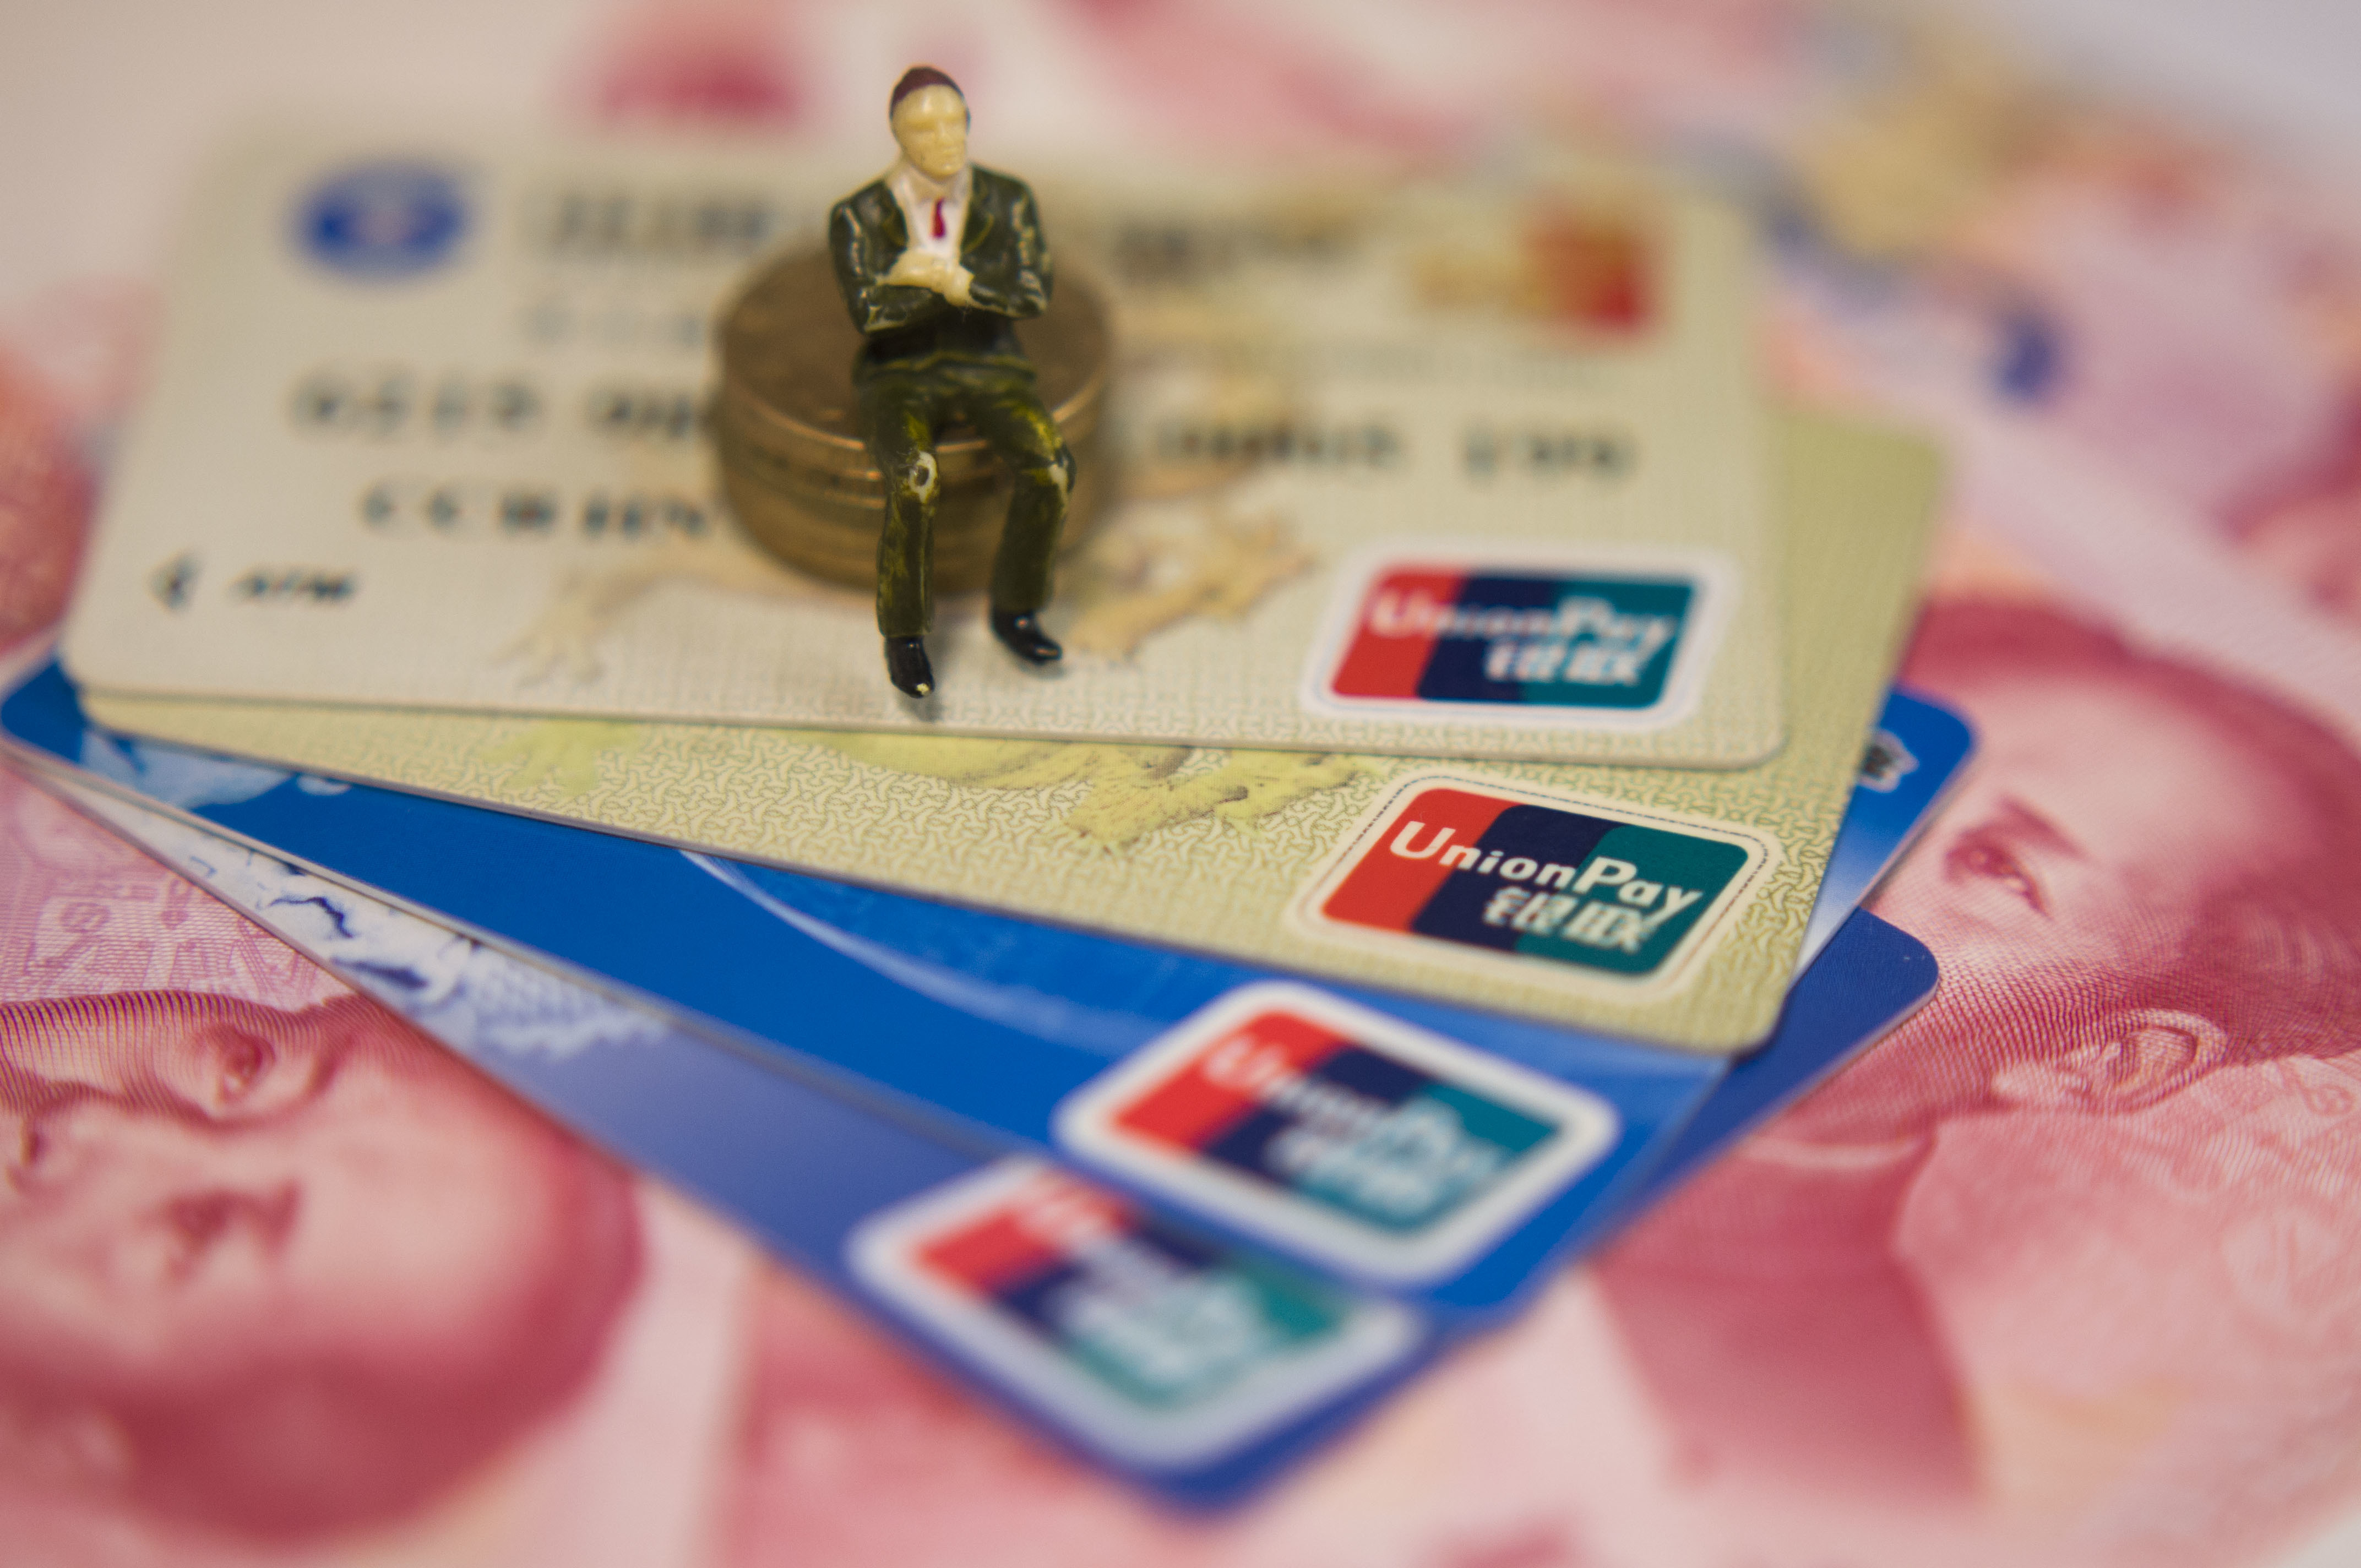 2019年哪家银行信用卡好申请额度高呢?